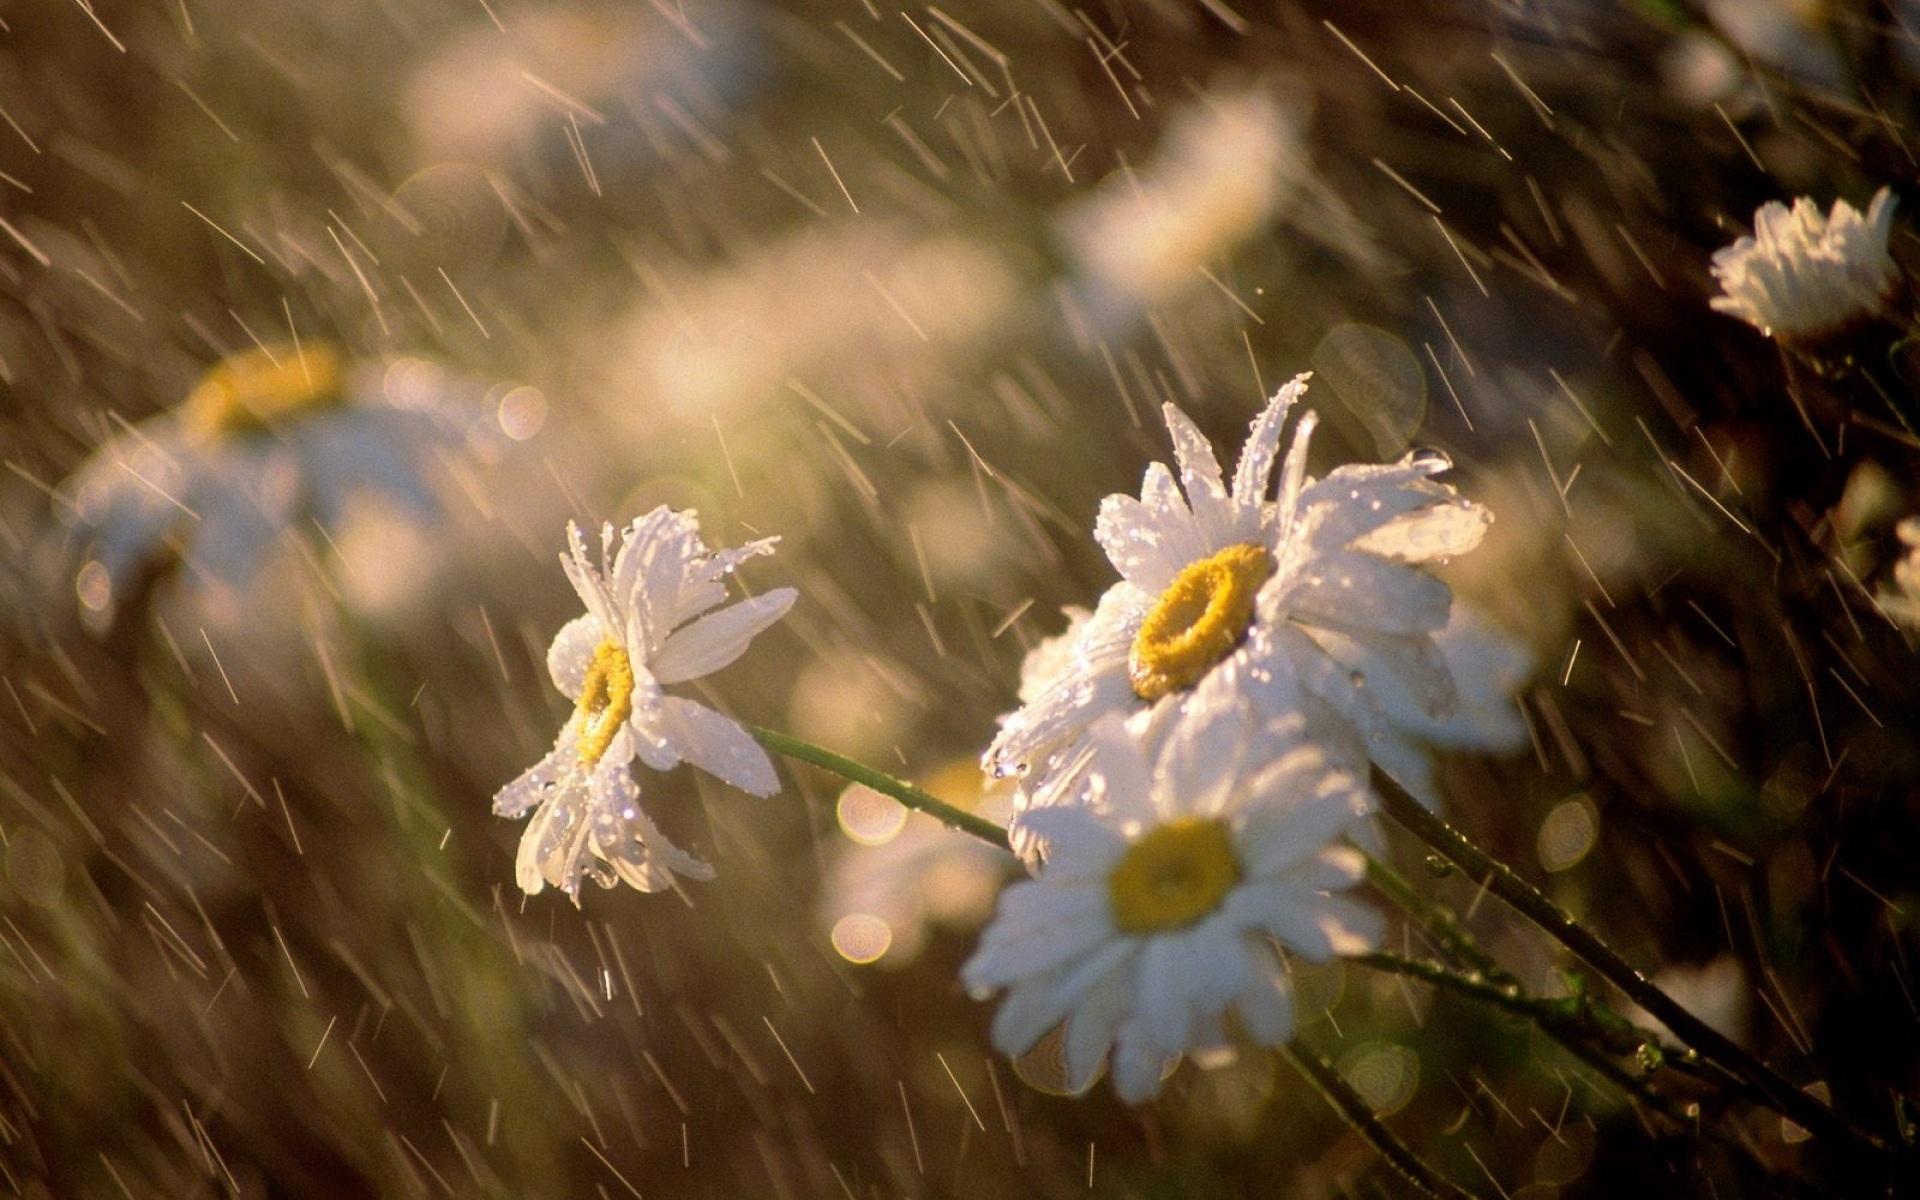 Прогноз погоды на 10 июня: синоптики прогнозируют дождливую погоду